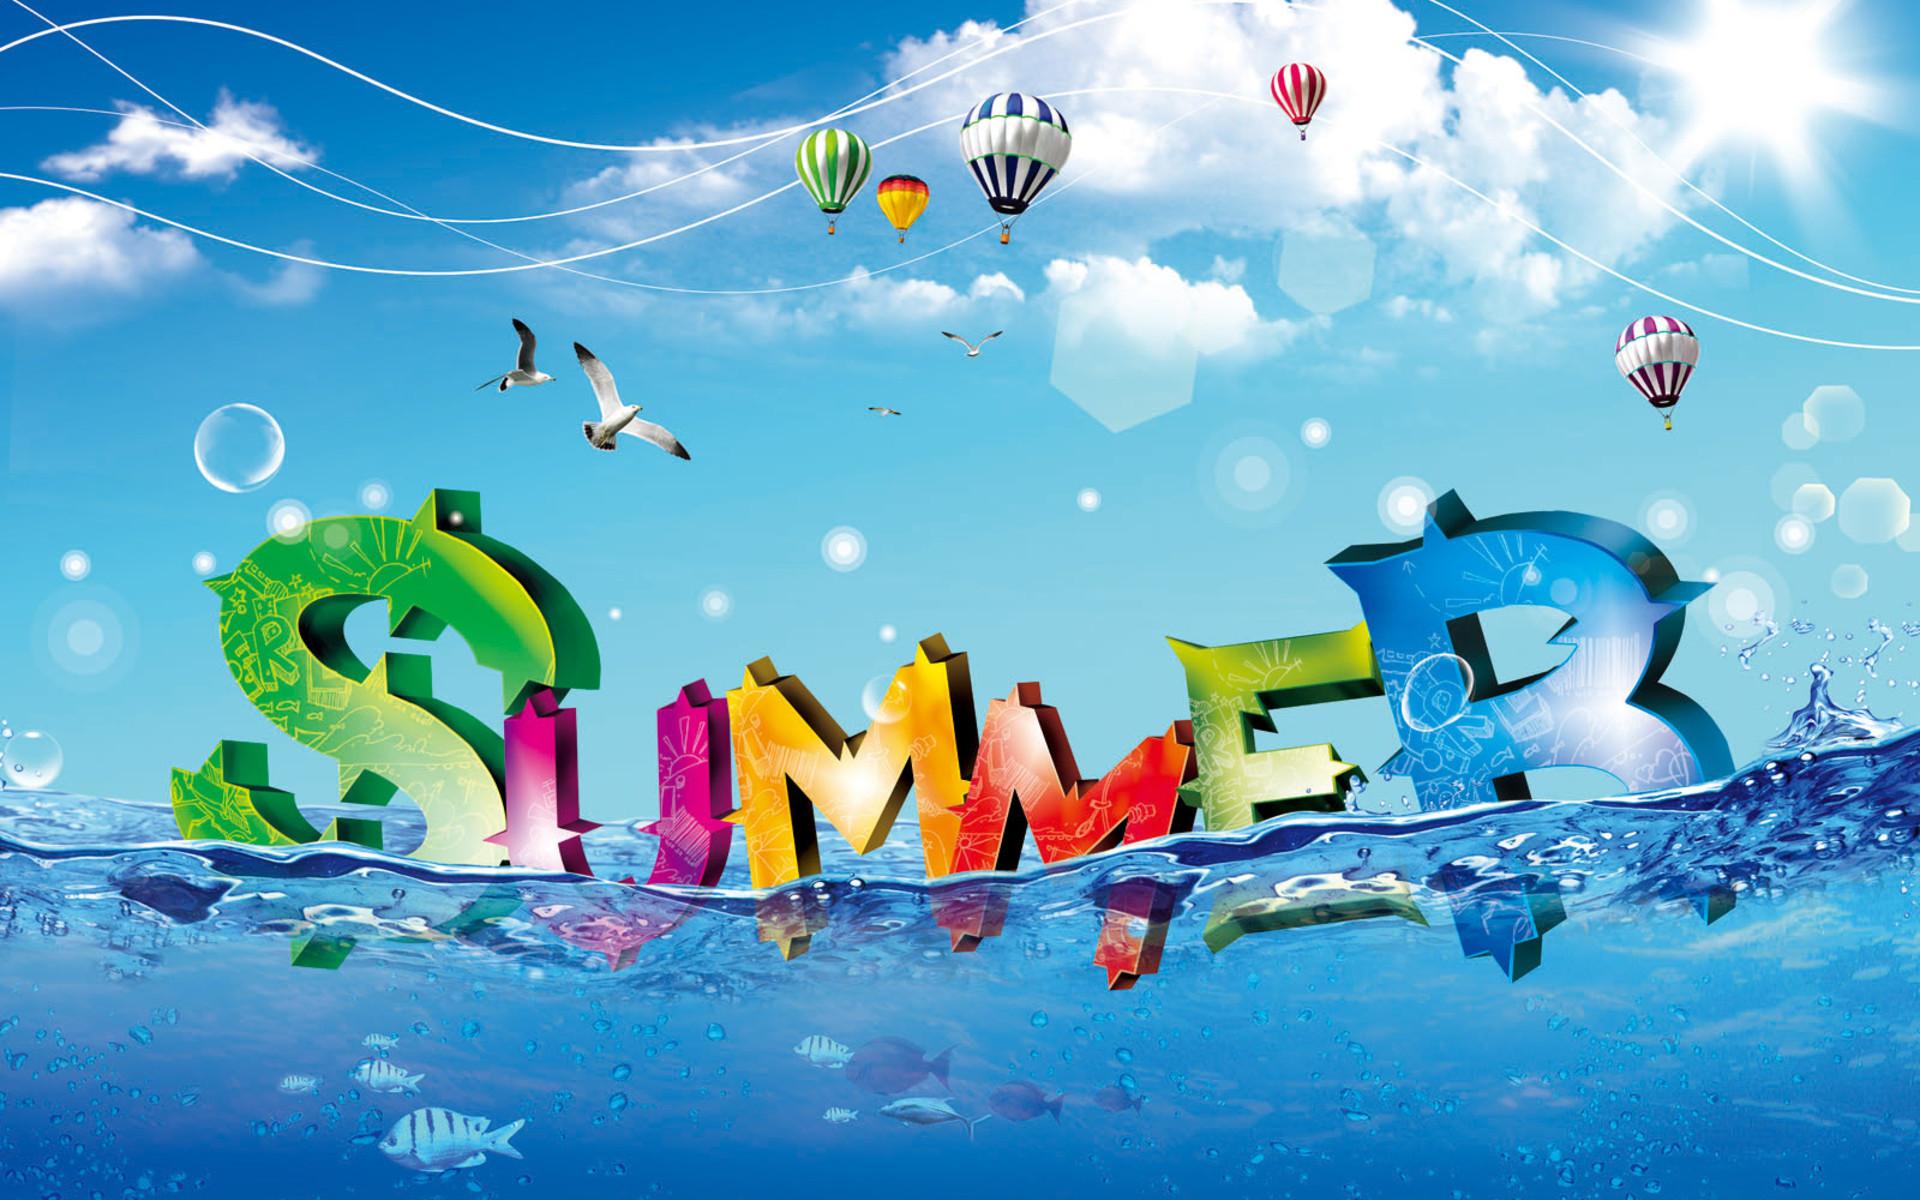 wallpaper screensavers summer wallpapersjpg 1920x1200